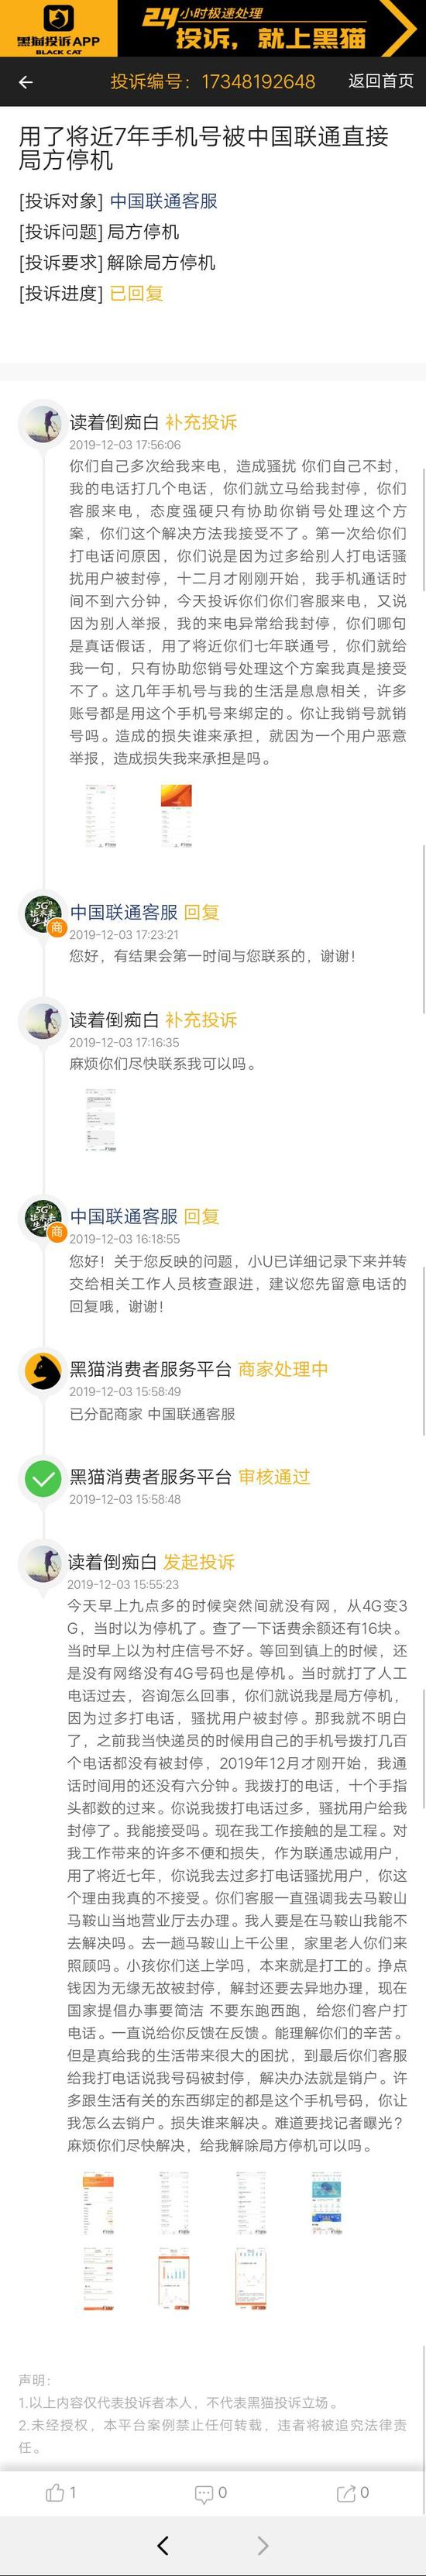 手机靓号交易网友投诉手机号被联通直接停机 客服已回复